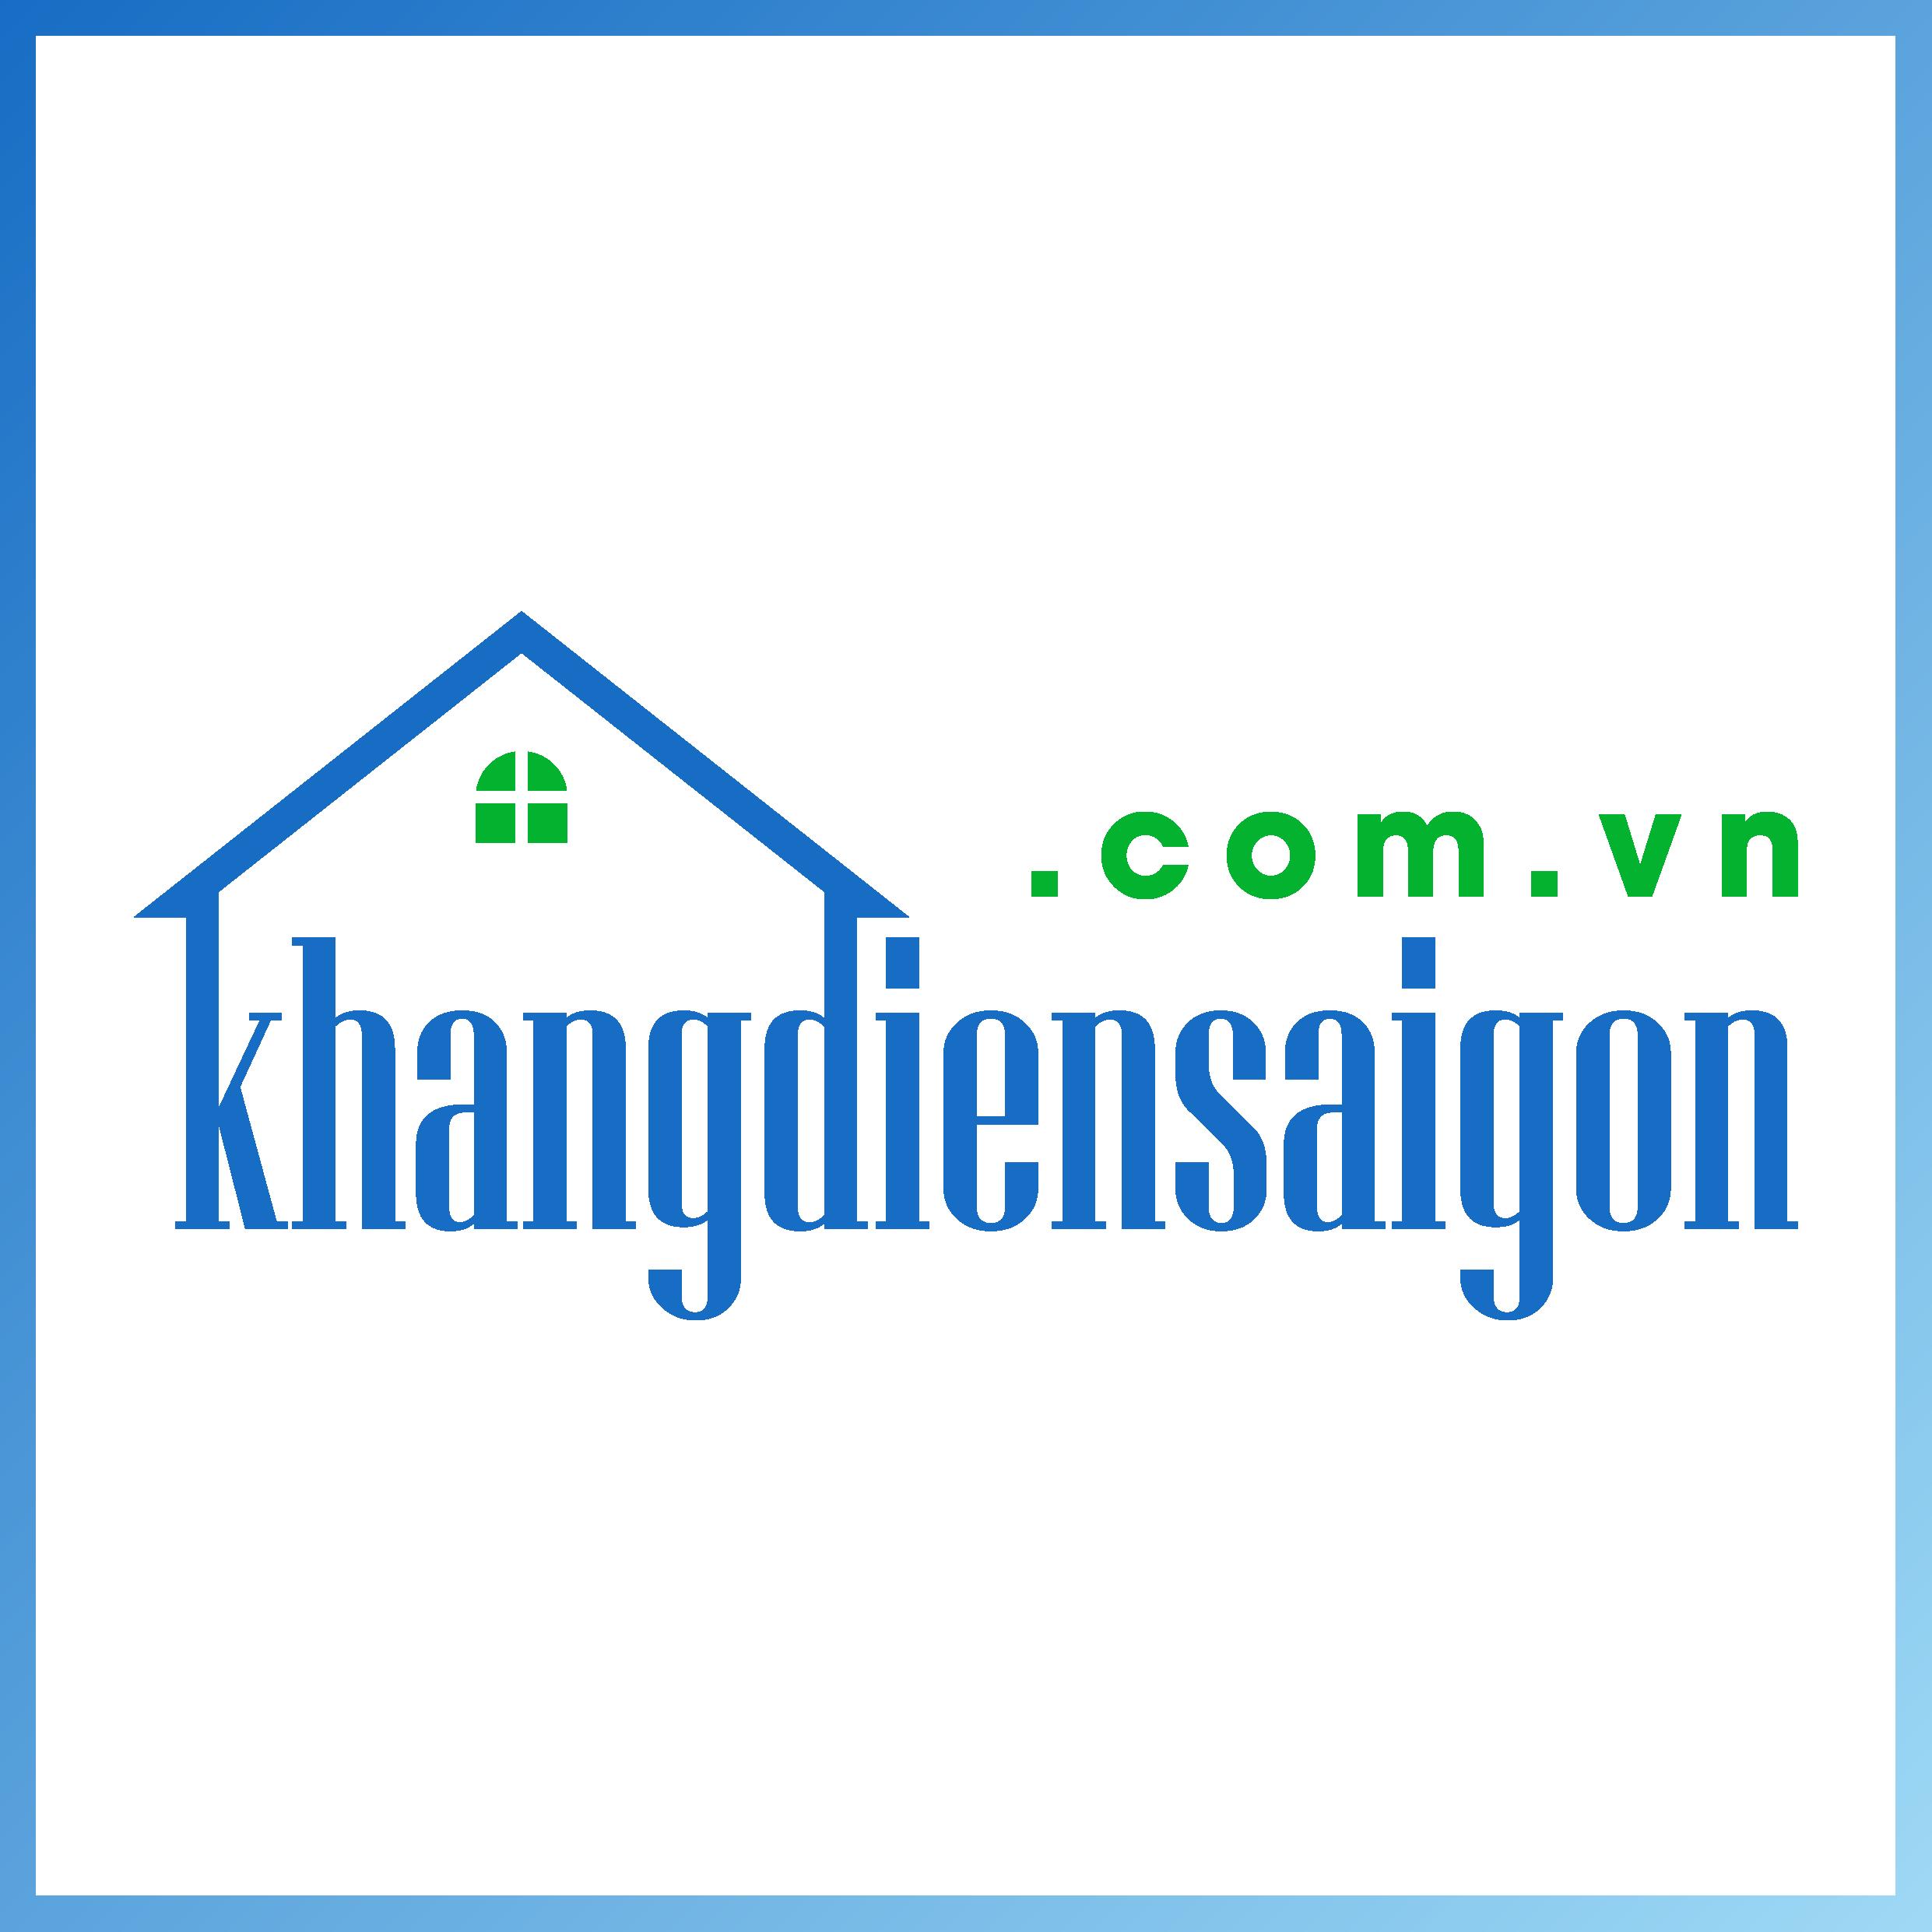 https://khangdiensaigon.com.vn/